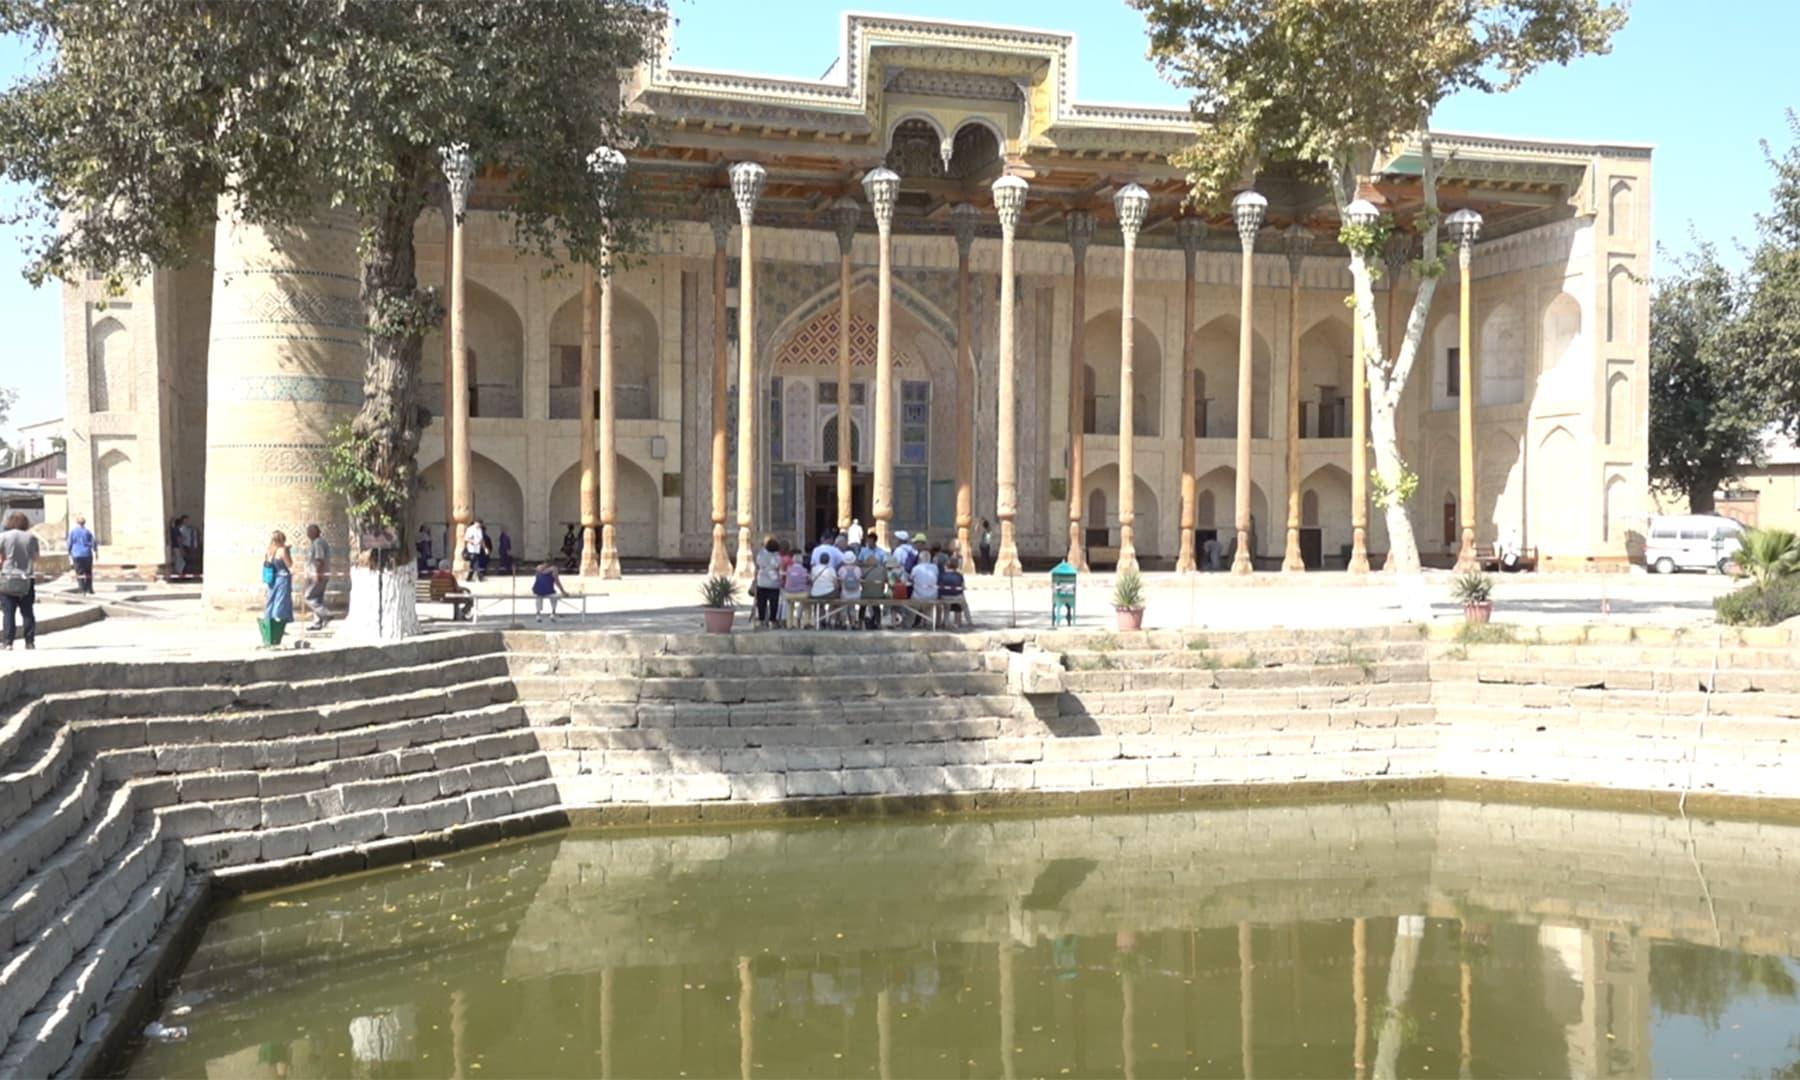 مسجد کے عین سامنے ایک حوض ہے اور مسجد کے برآمدے میں لکڑی کے 20 ستون نصب ہیں